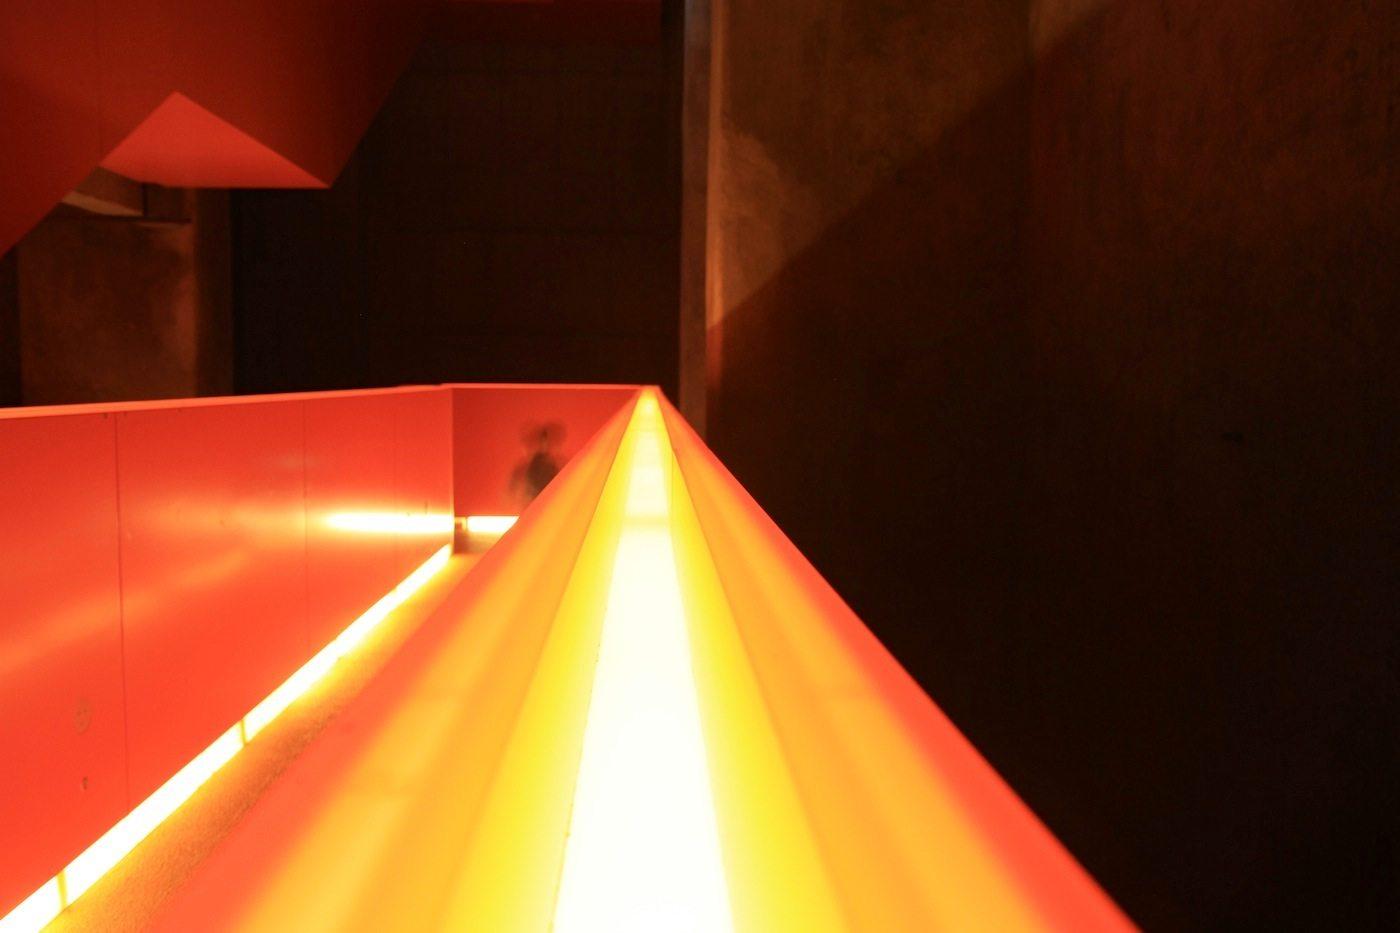 Zeche Zollverein.  Lichtbänder, die an Hitze, Glut und Stahl erinnern